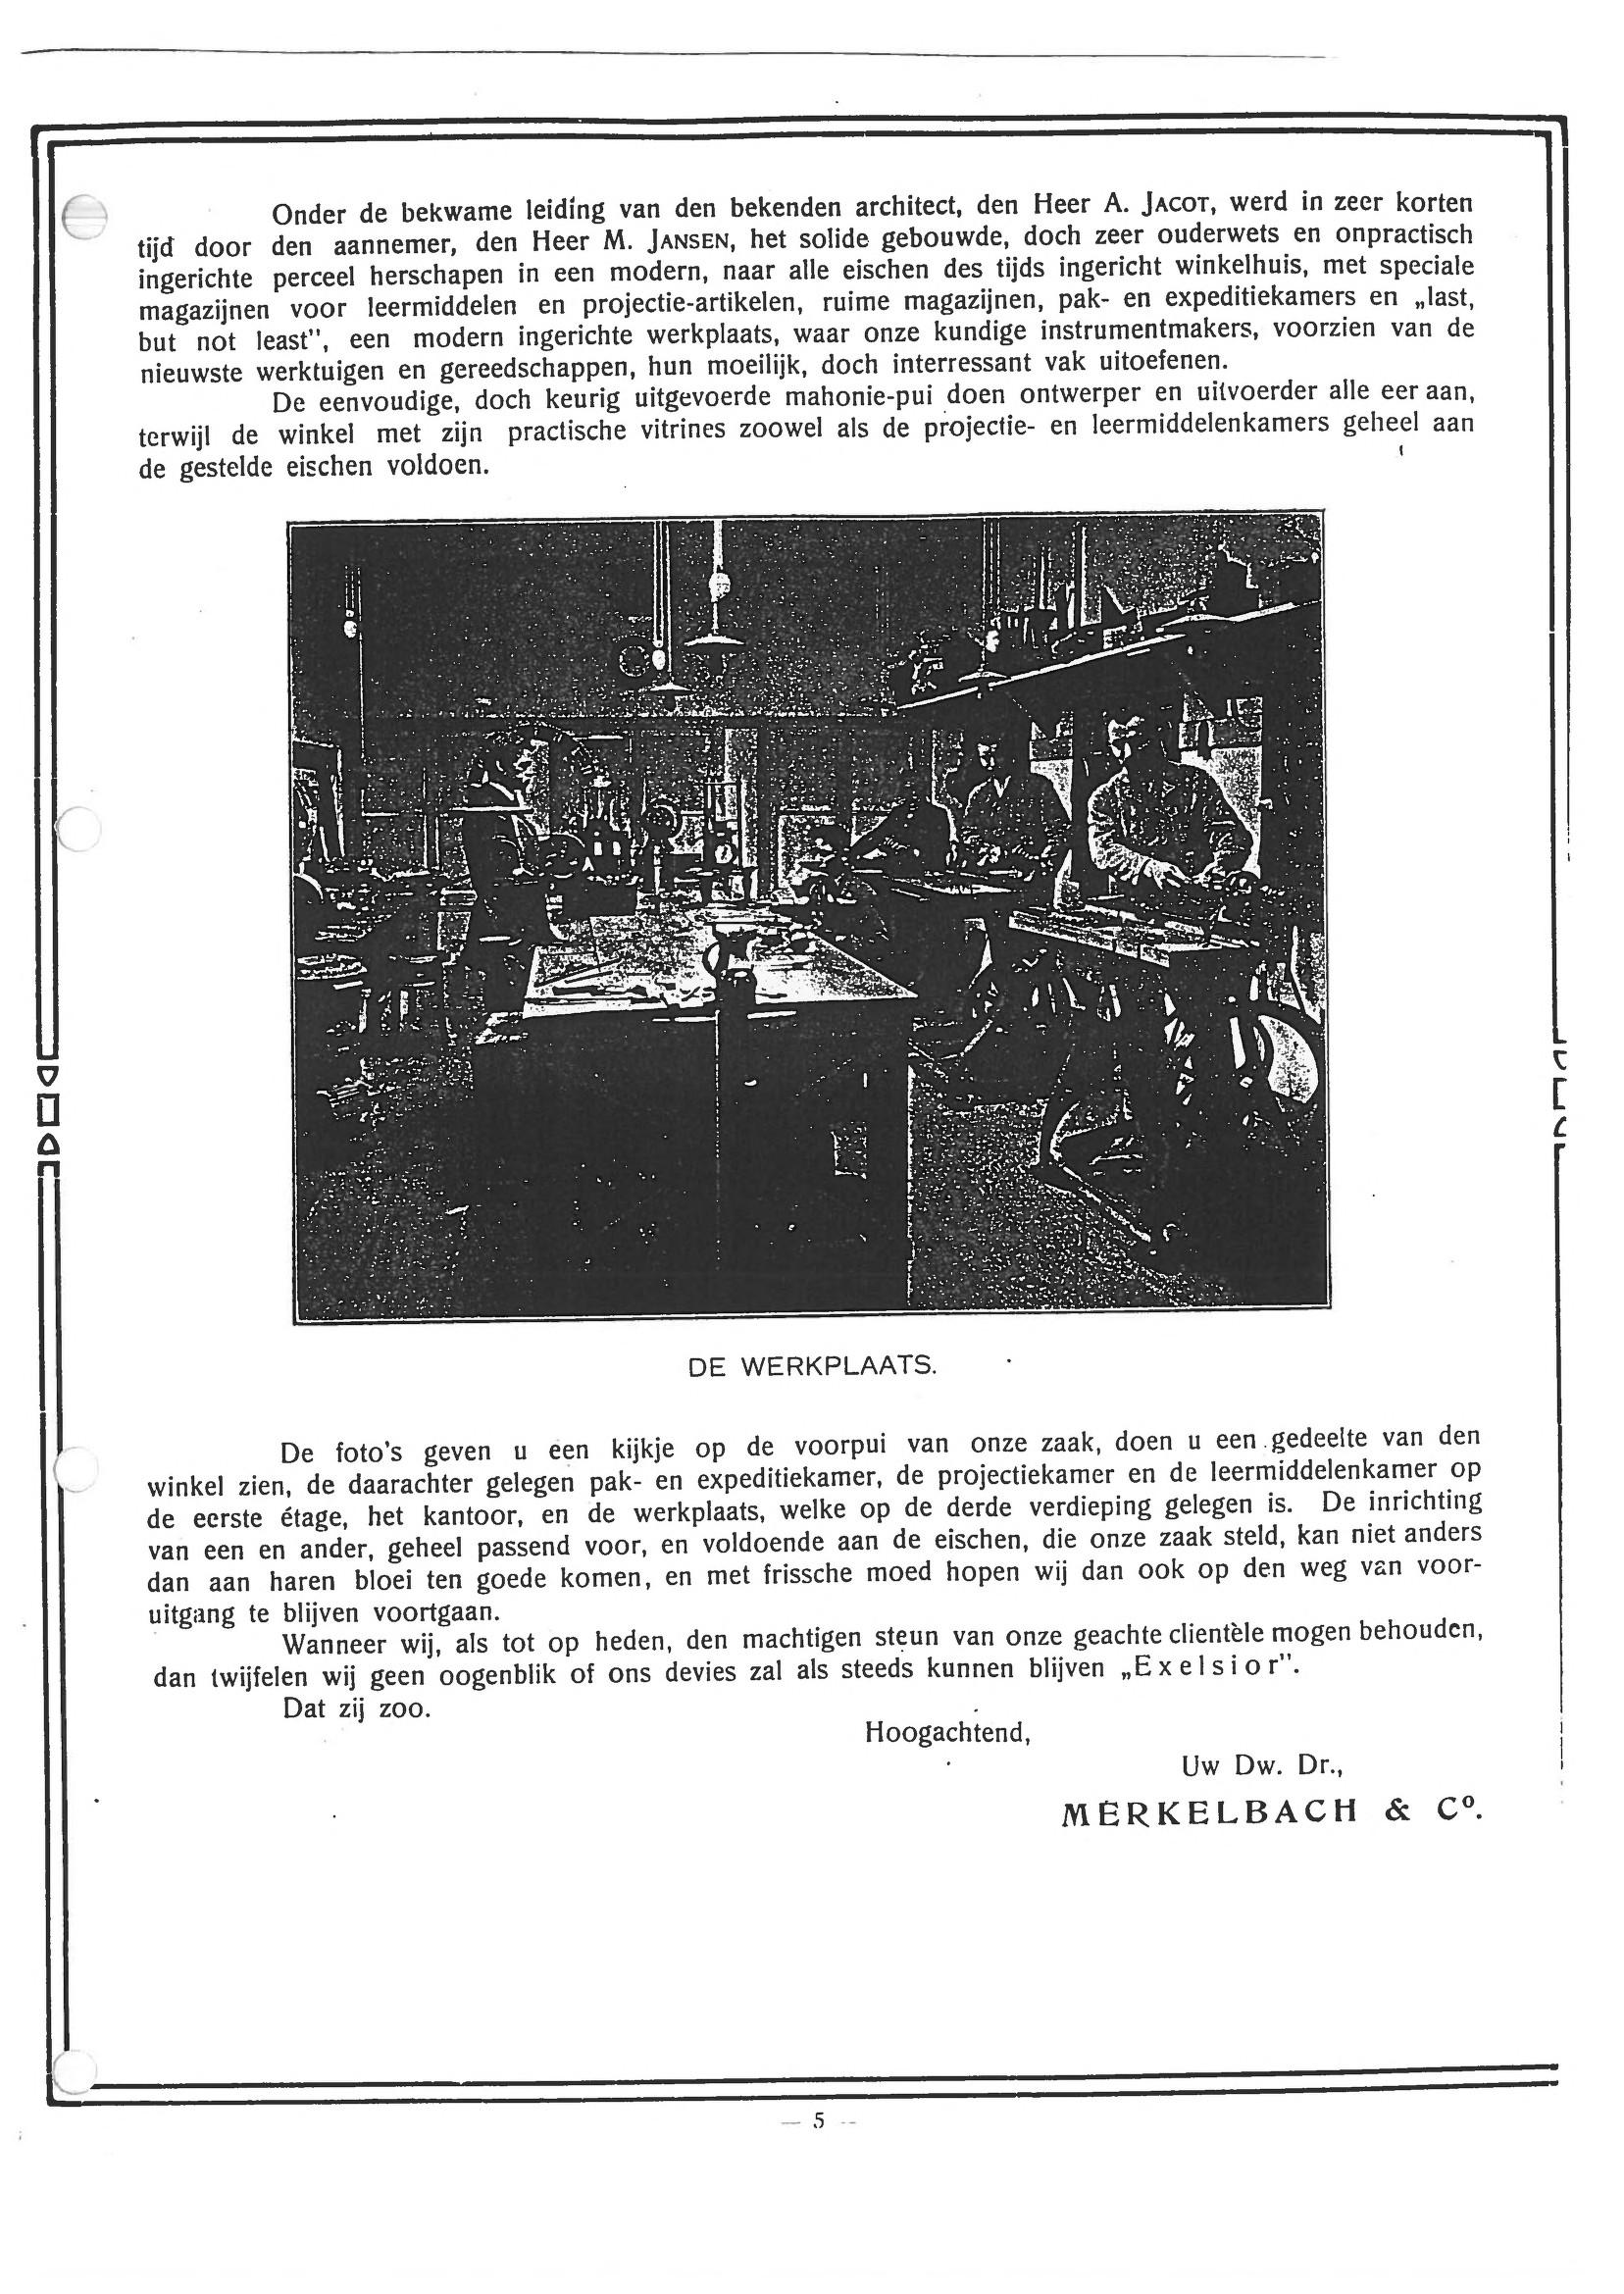 Merkelbach_prijscourant_1909_jp2.zip&file=merkelbach_prijscourant_1909_jp2%2fmerkelbach_prijscourant_1909_0006